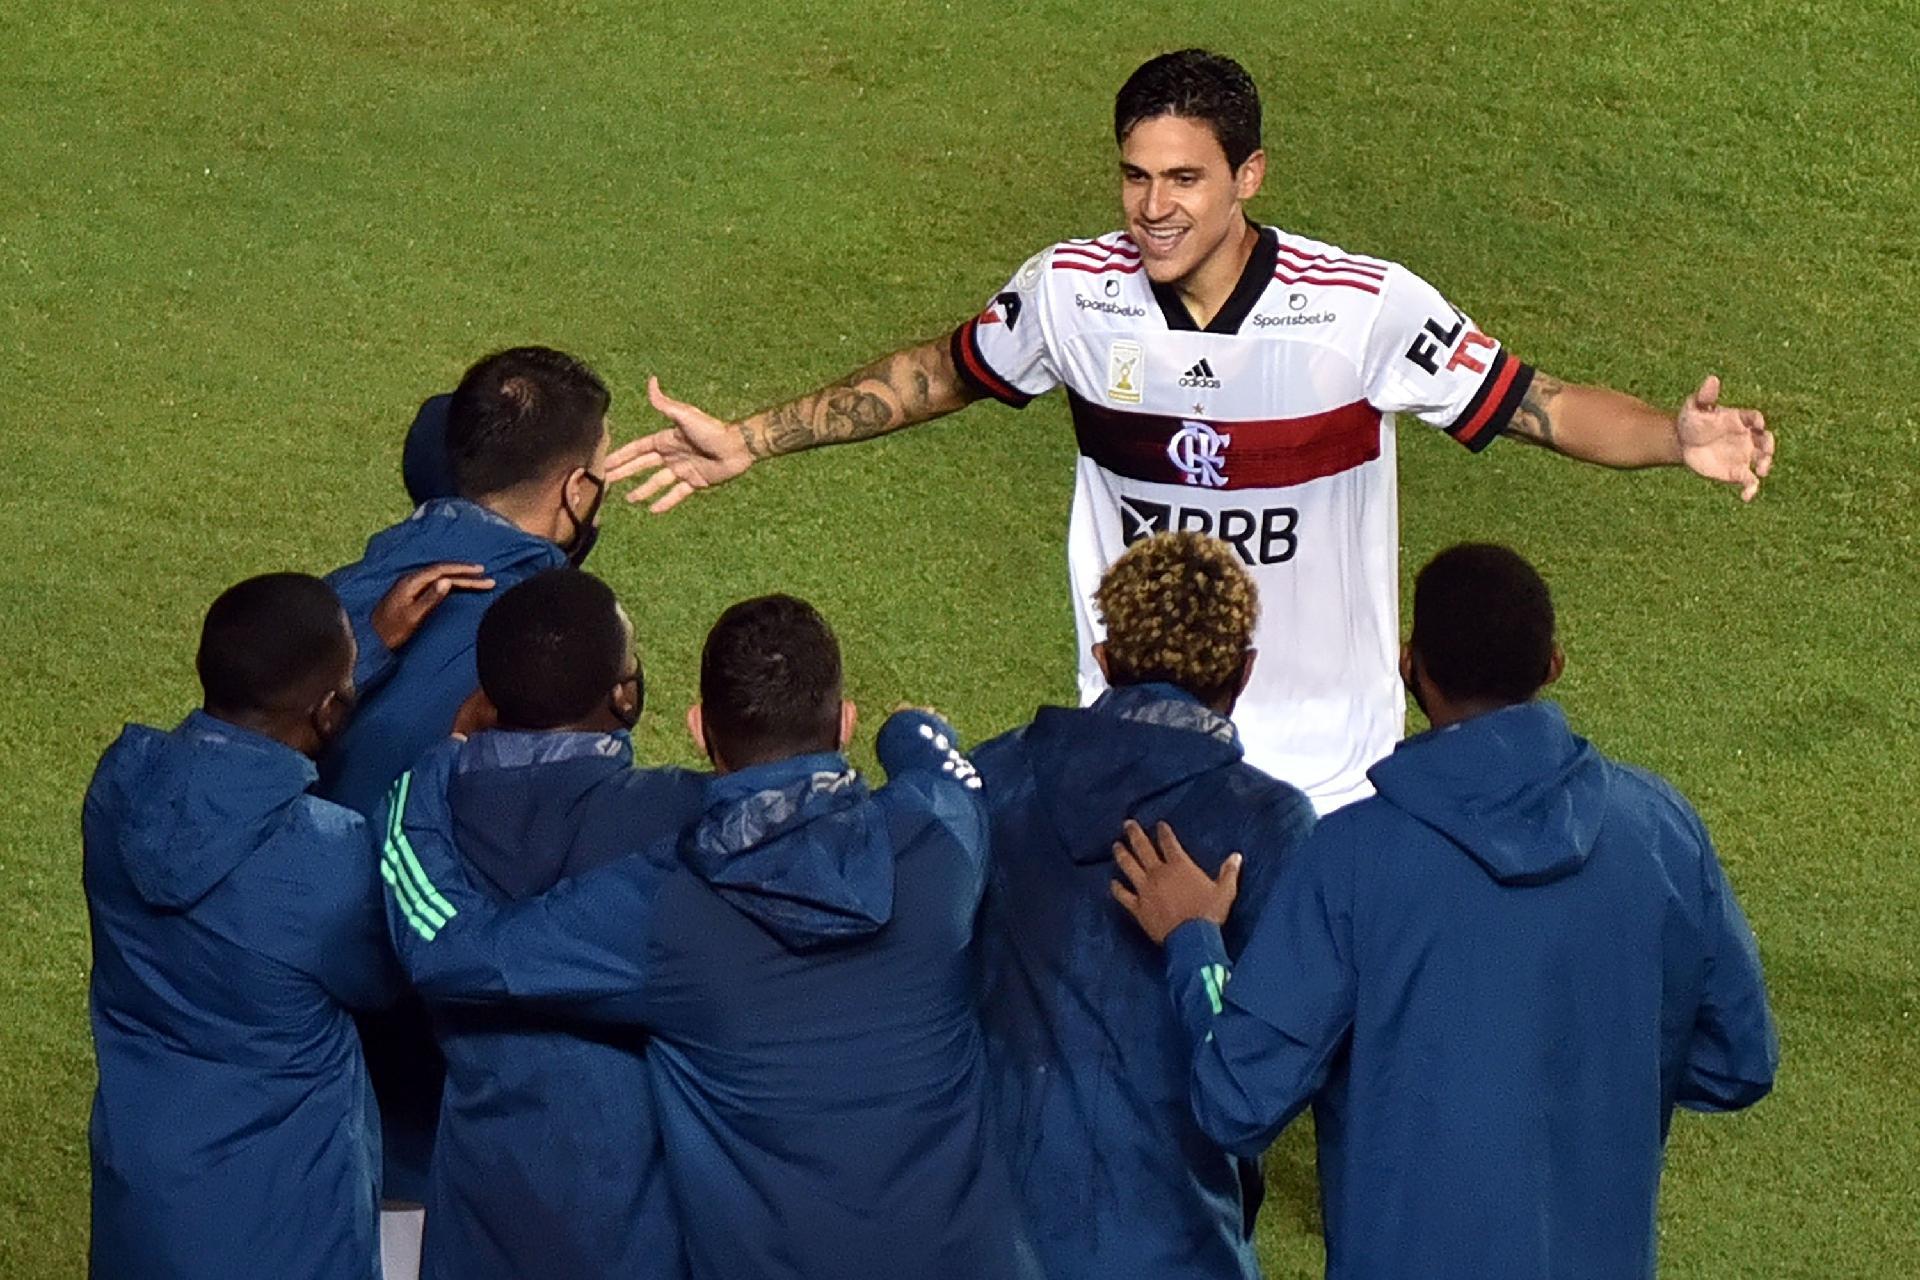 Flamengo Vence Bahia Por 5 A 2 Com Golacos E Empolga Pela 1ª Vez Com Dome